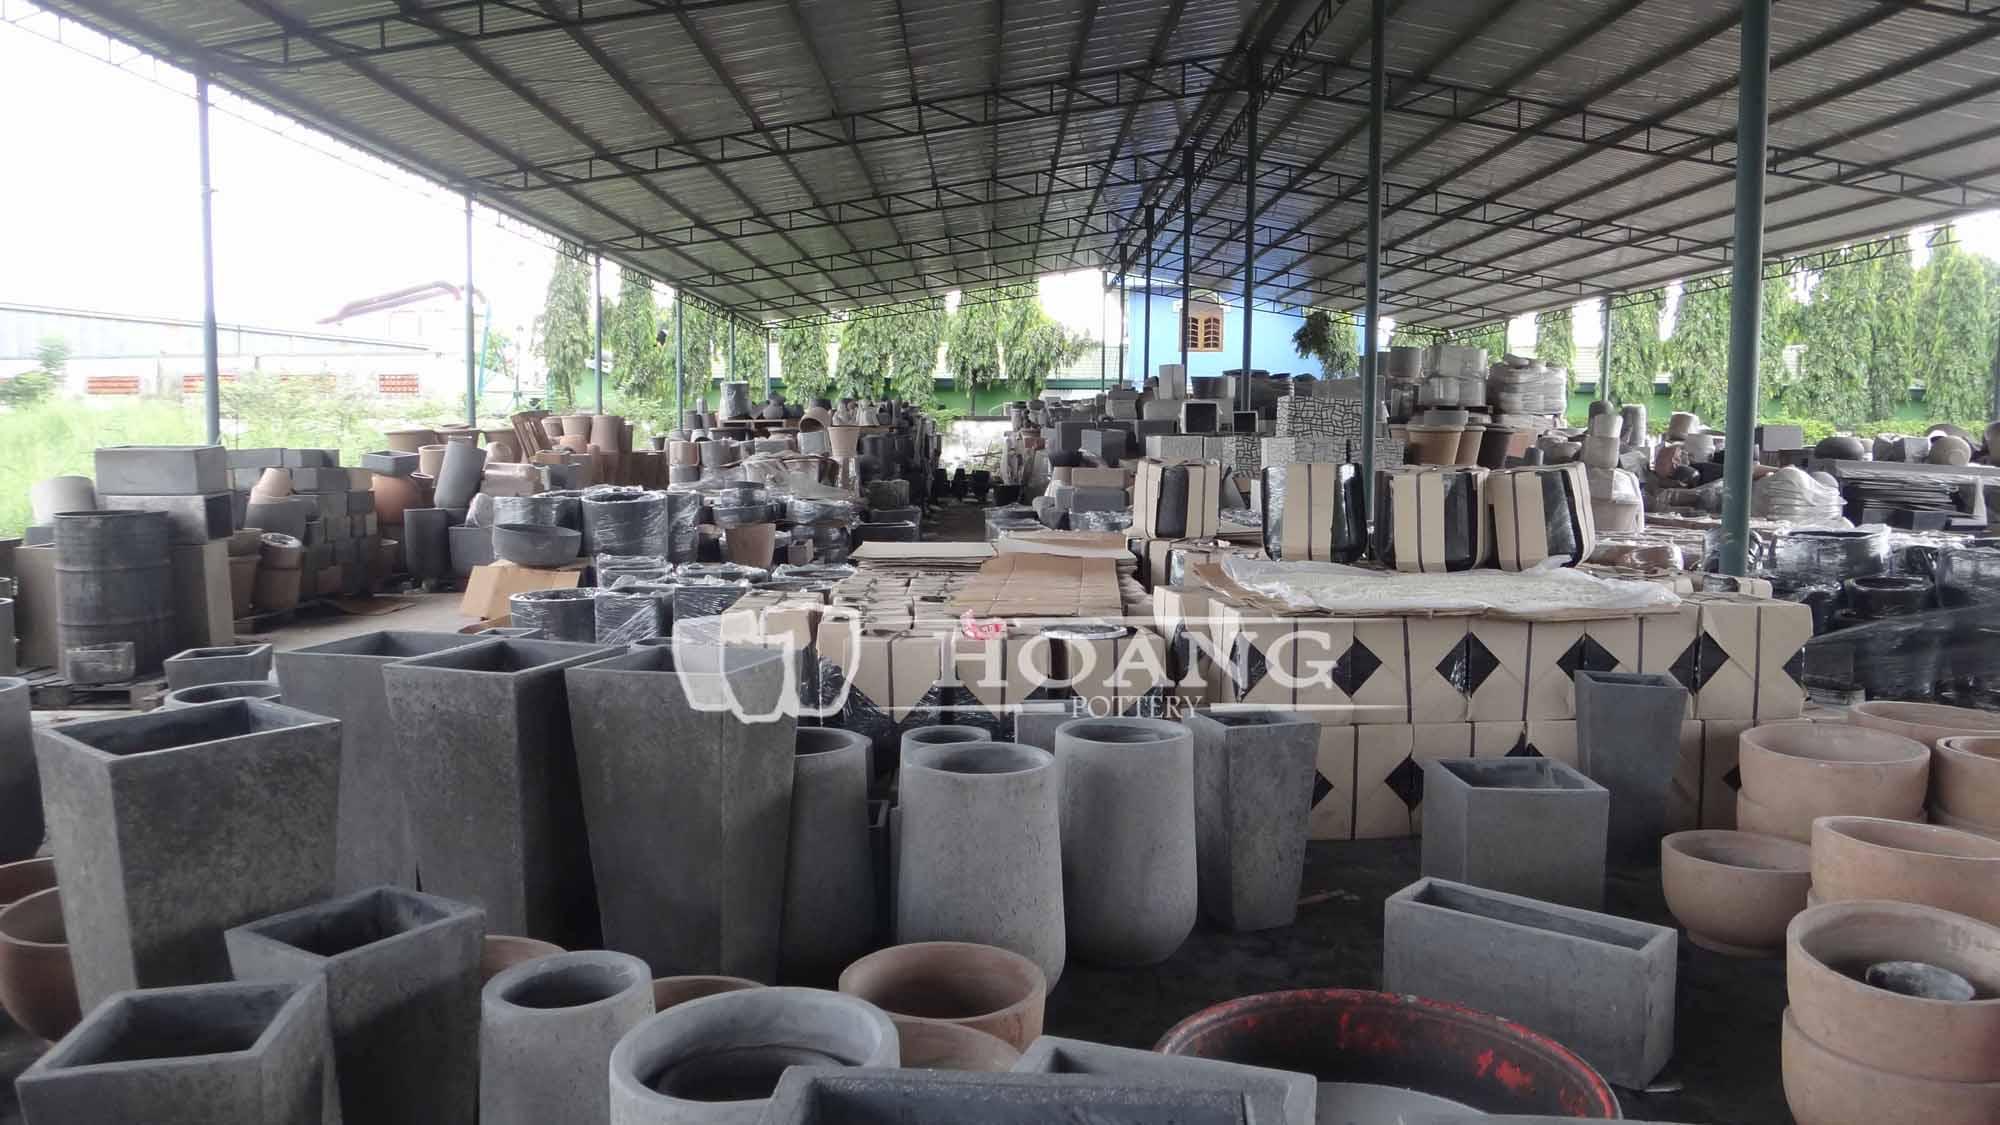 Big Concrete Planters Photo Album Collection Concrete Planter Boxes All Can Download